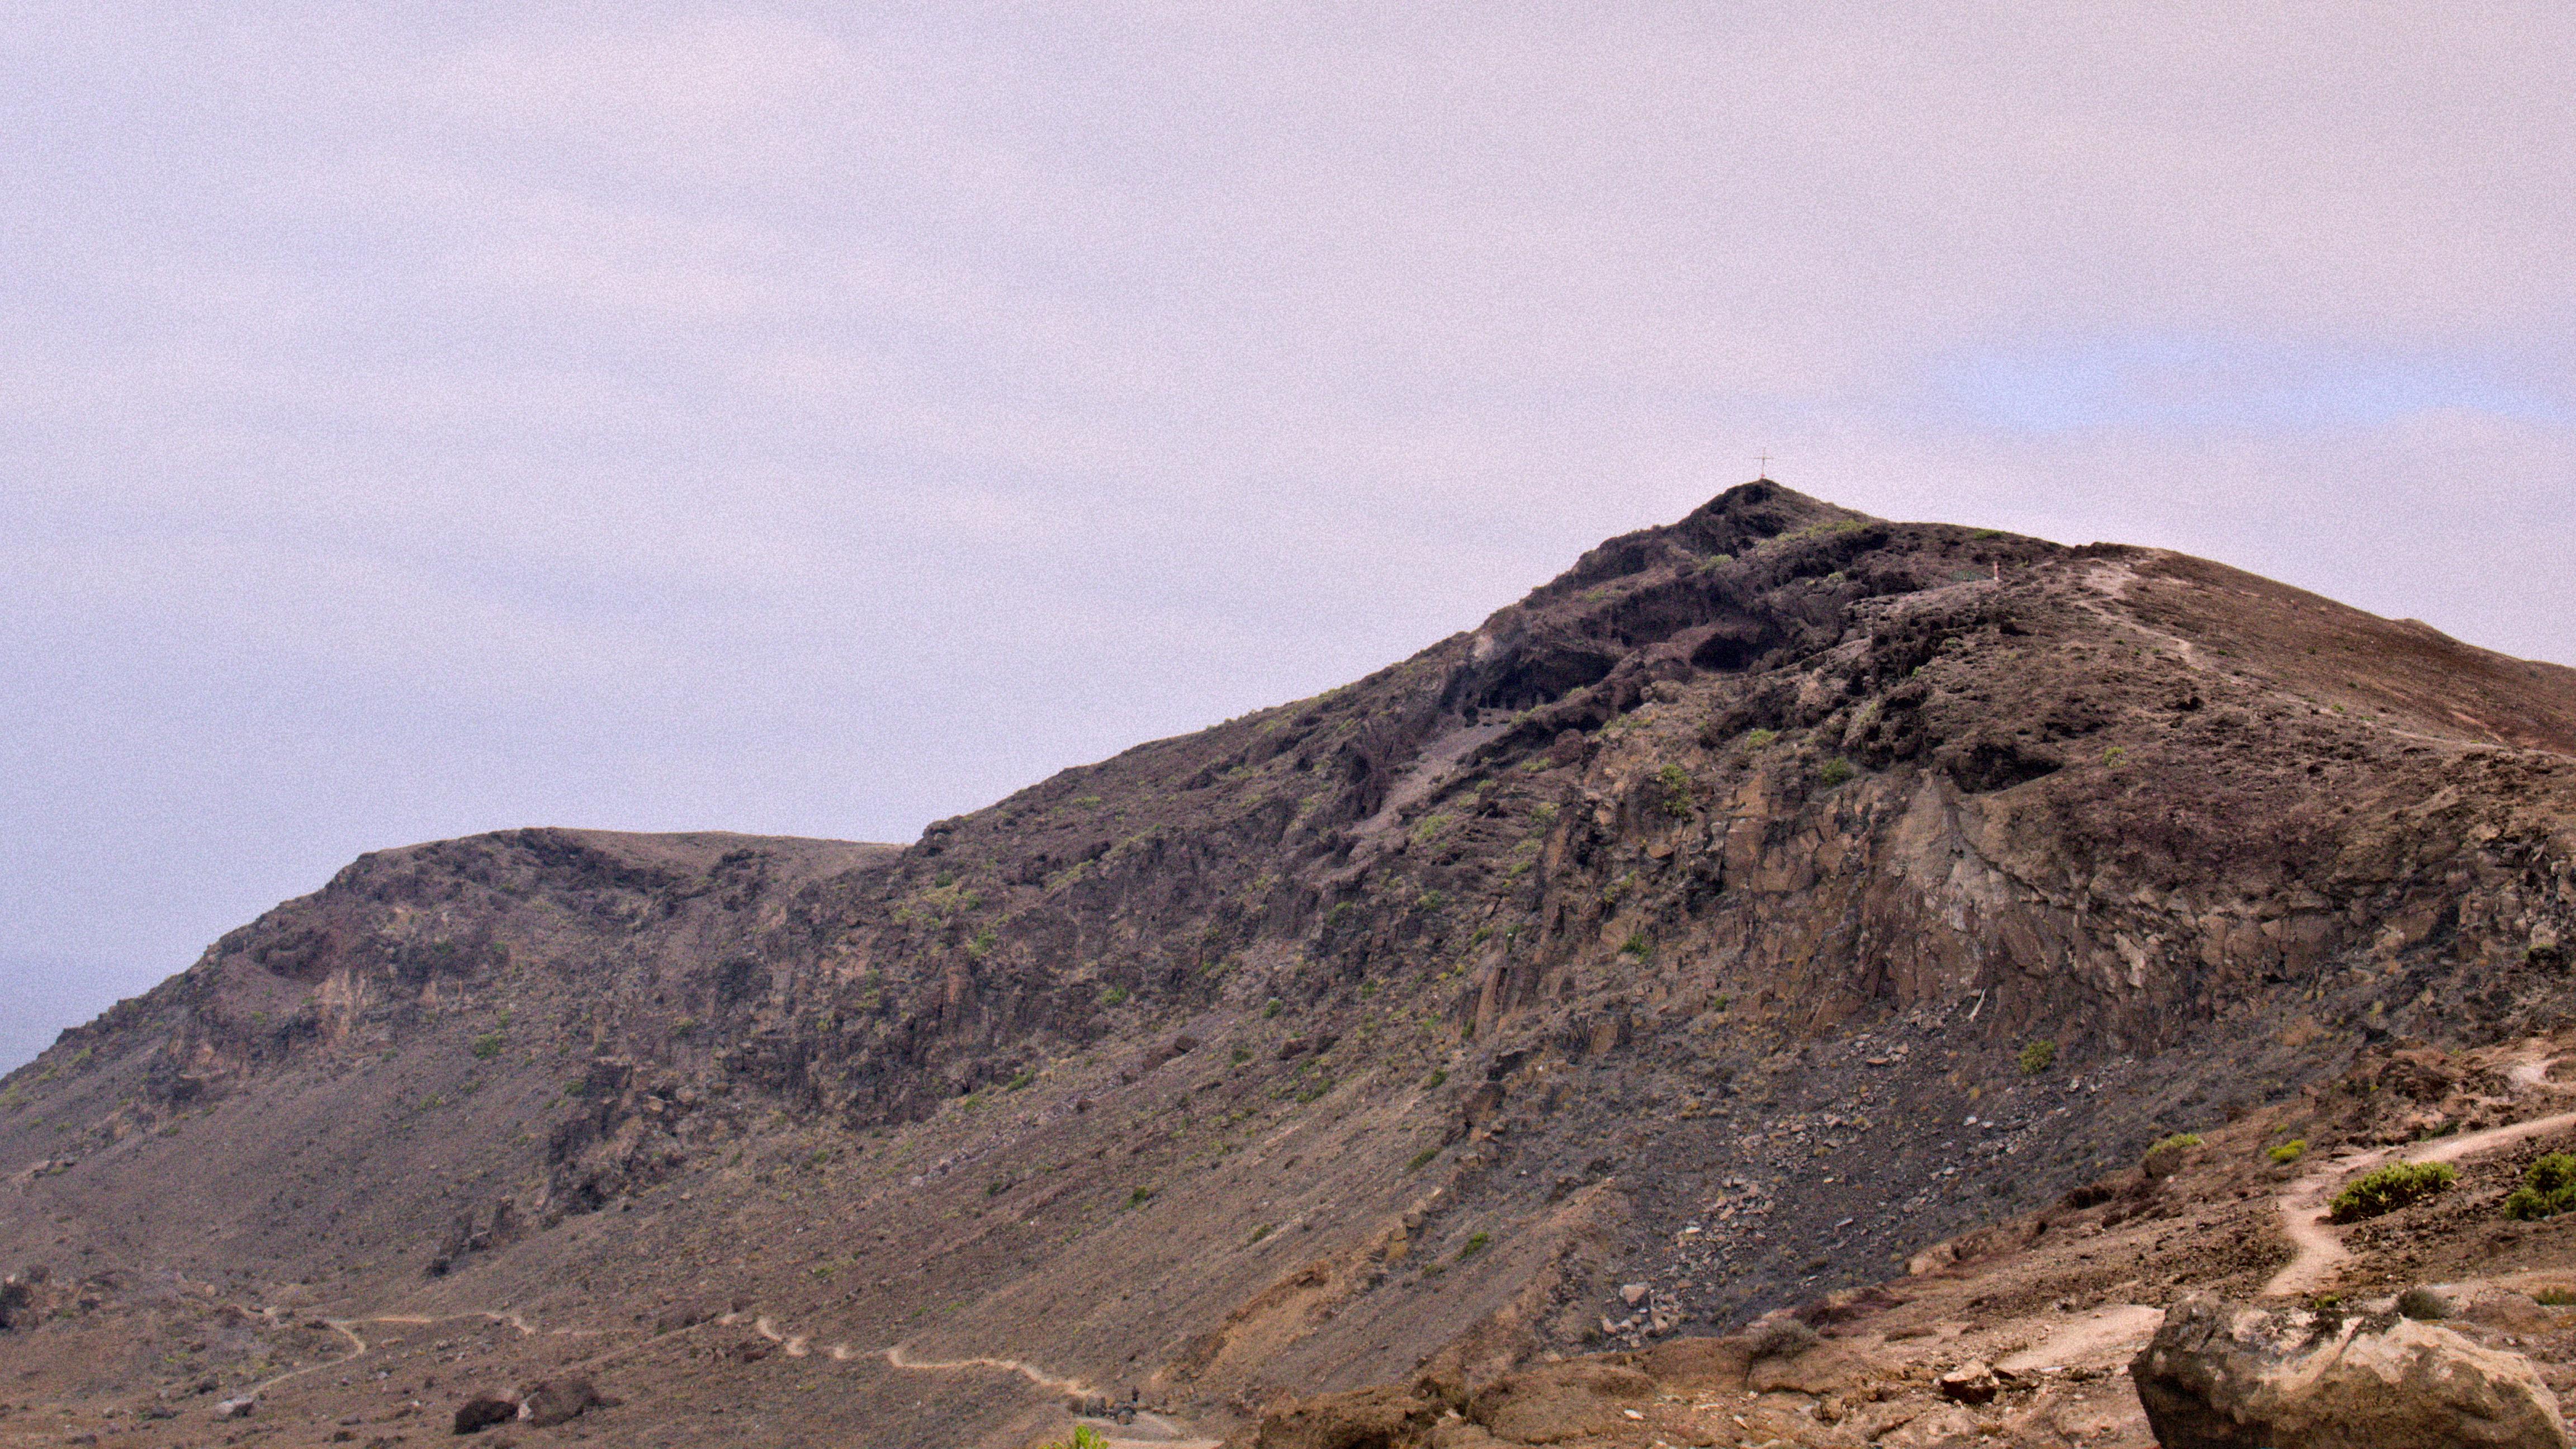 Die pregnannteste Erhebung in der Umgebung. Es gibt sogar ein Gipfelkreuz, vielleicht schwach zu erkennen